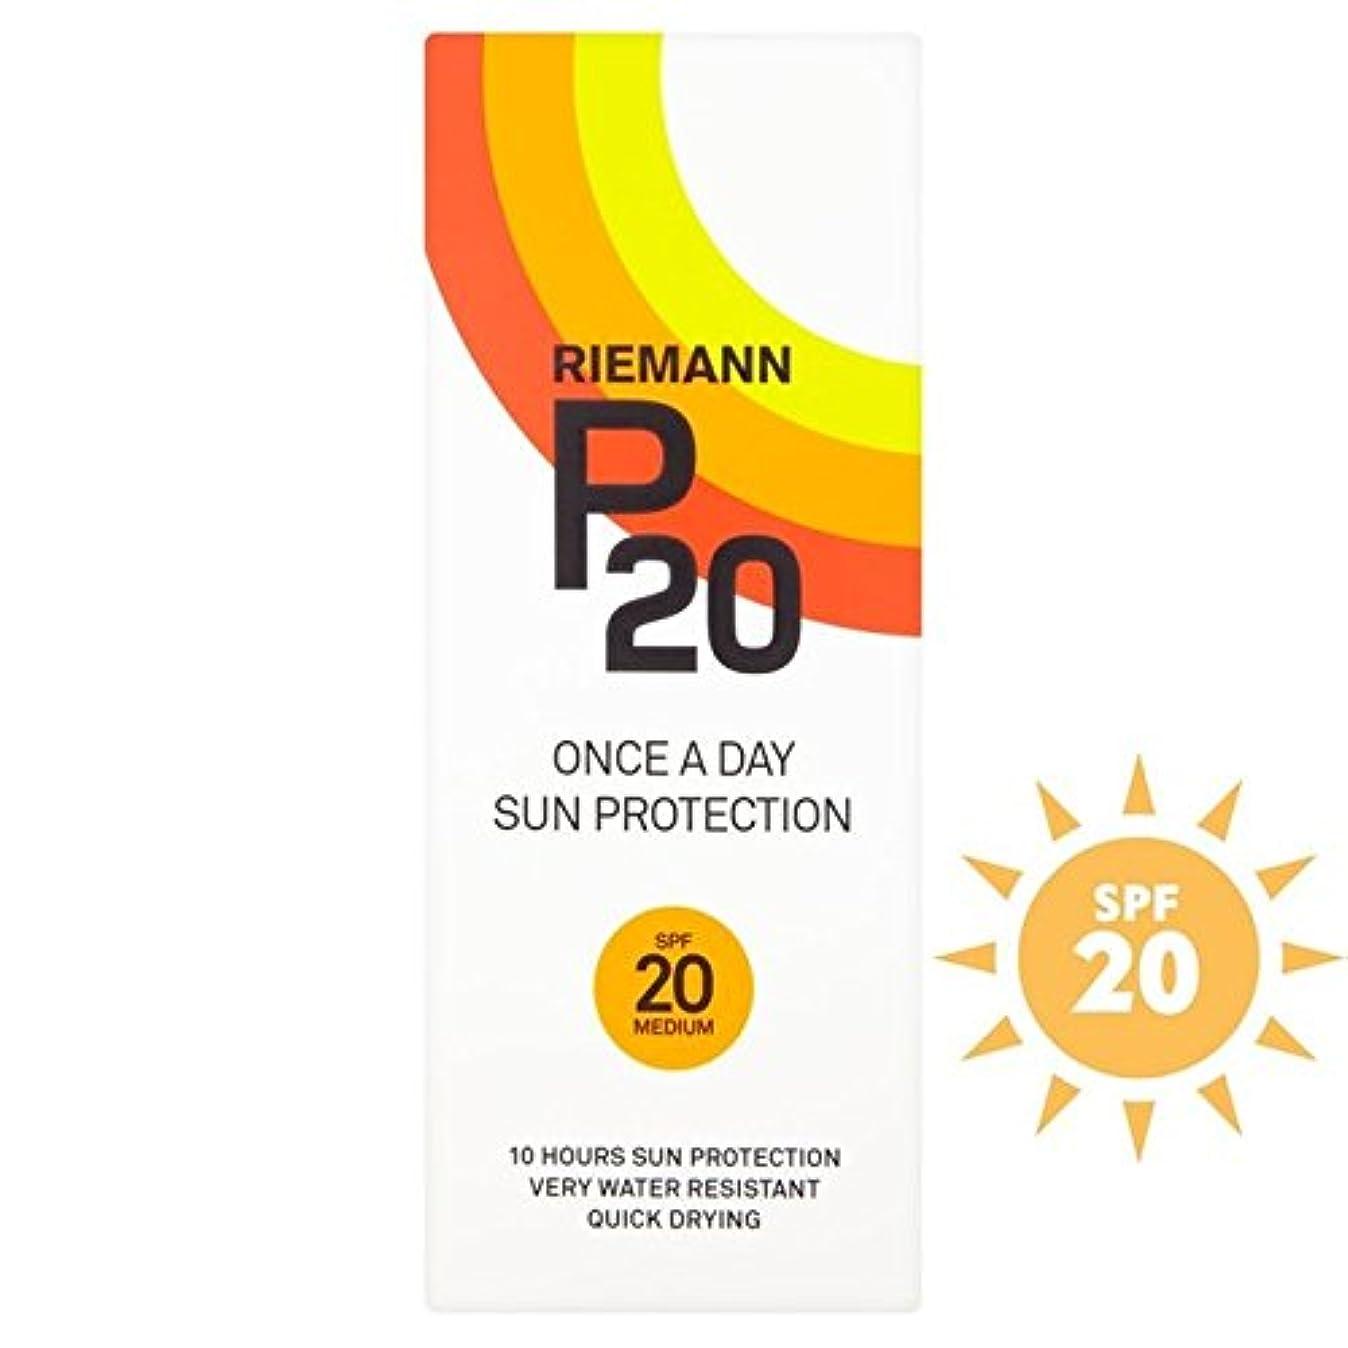 患者超越する悔い改めるRiemann P20 SPF20 1 Day/10 Hour Protection 200ml (Pack of 6) - リーマン20 20 1日/ 10時間の保護200ミリリットル x6 [並行輸入品]